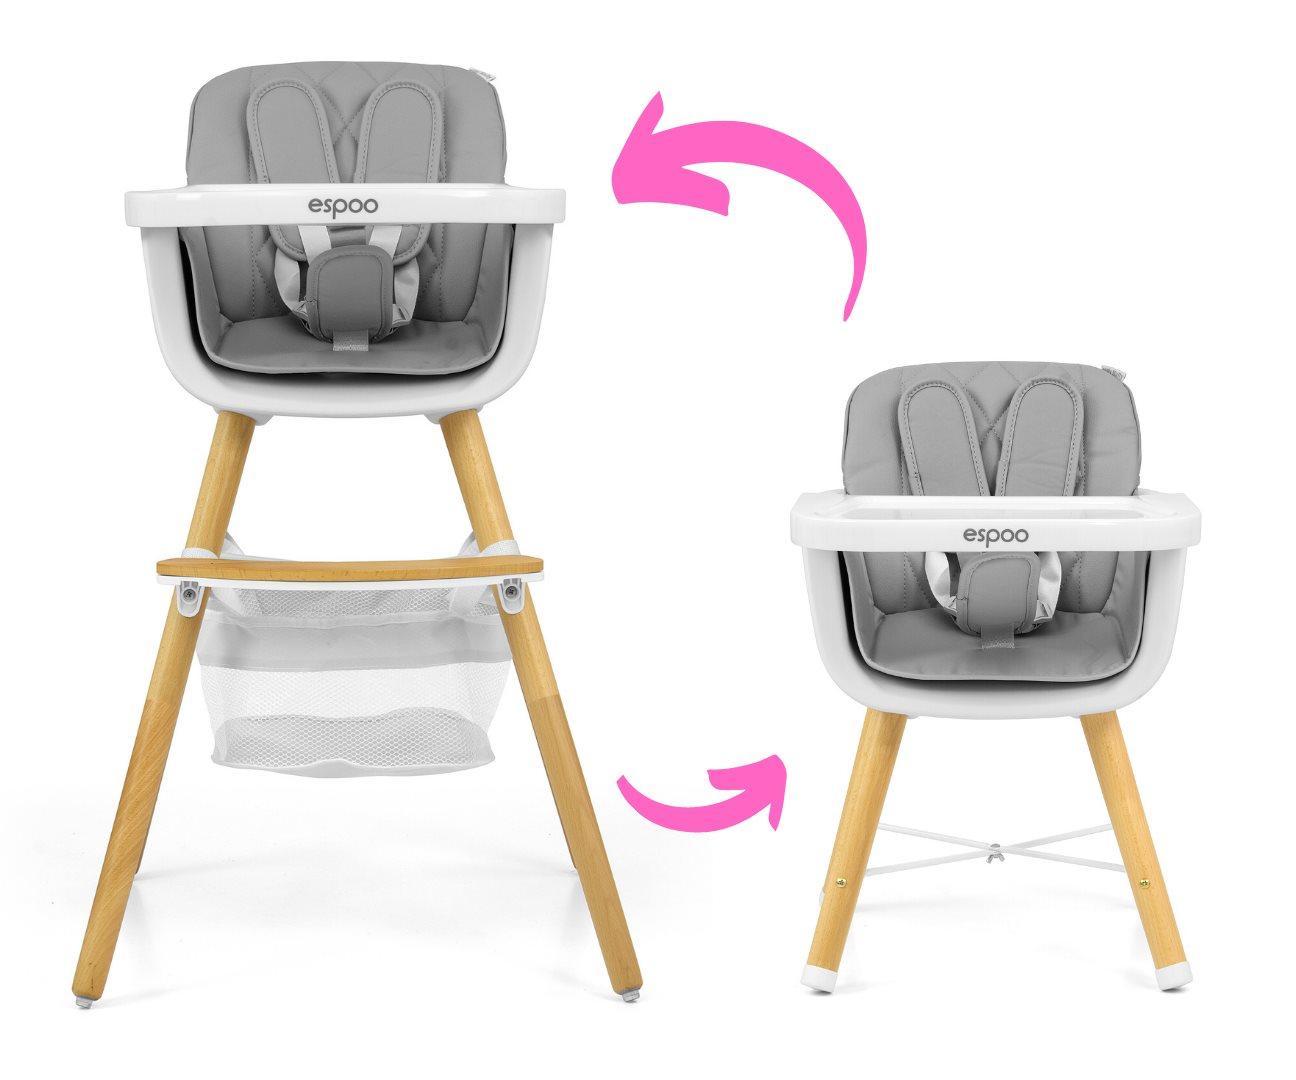 Jídelní židlička Milly Mally 2v1 Espoo modrá